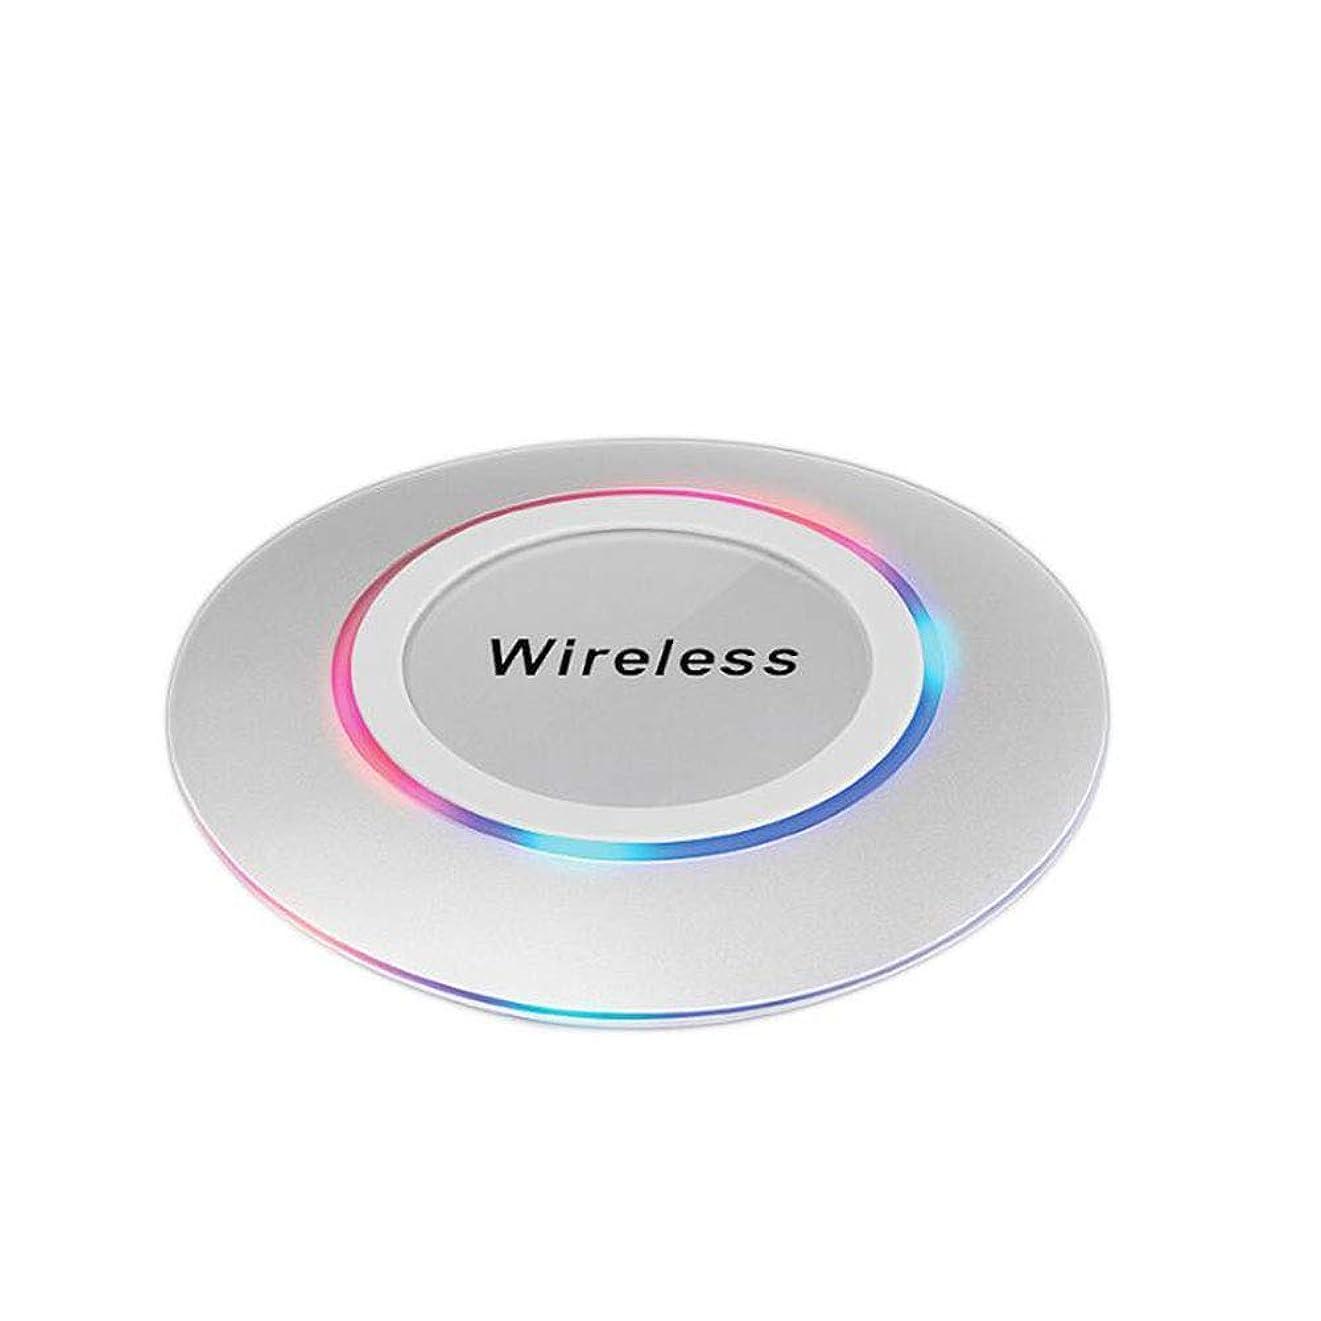 うそつき租界外交問題Ren He ワイヤレス充電器 ワイヤレス充電レシーバー 丸型超薄い 超軽量で持ち運びに便利 USBケーブル付き iphone 8/iphone 8 Plus/iphone Xなど 対応